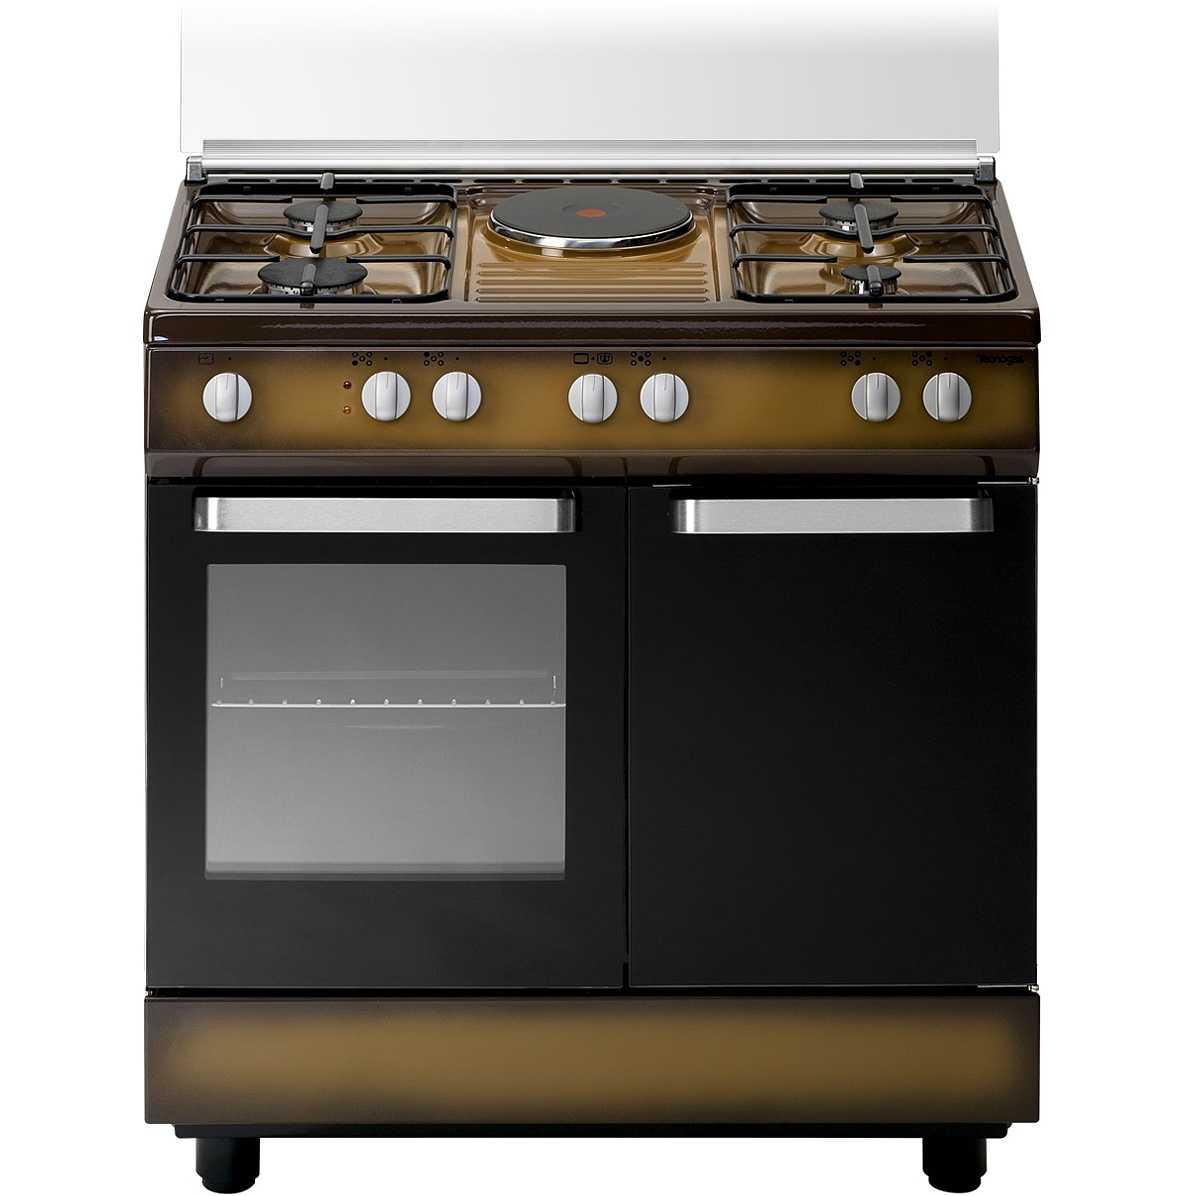 Tecnogas d881cs cucina 80x50 4 fuochi a gas 1 piastra elettrica forno elettrico 55 litri - Piastra elettrica cucina ...